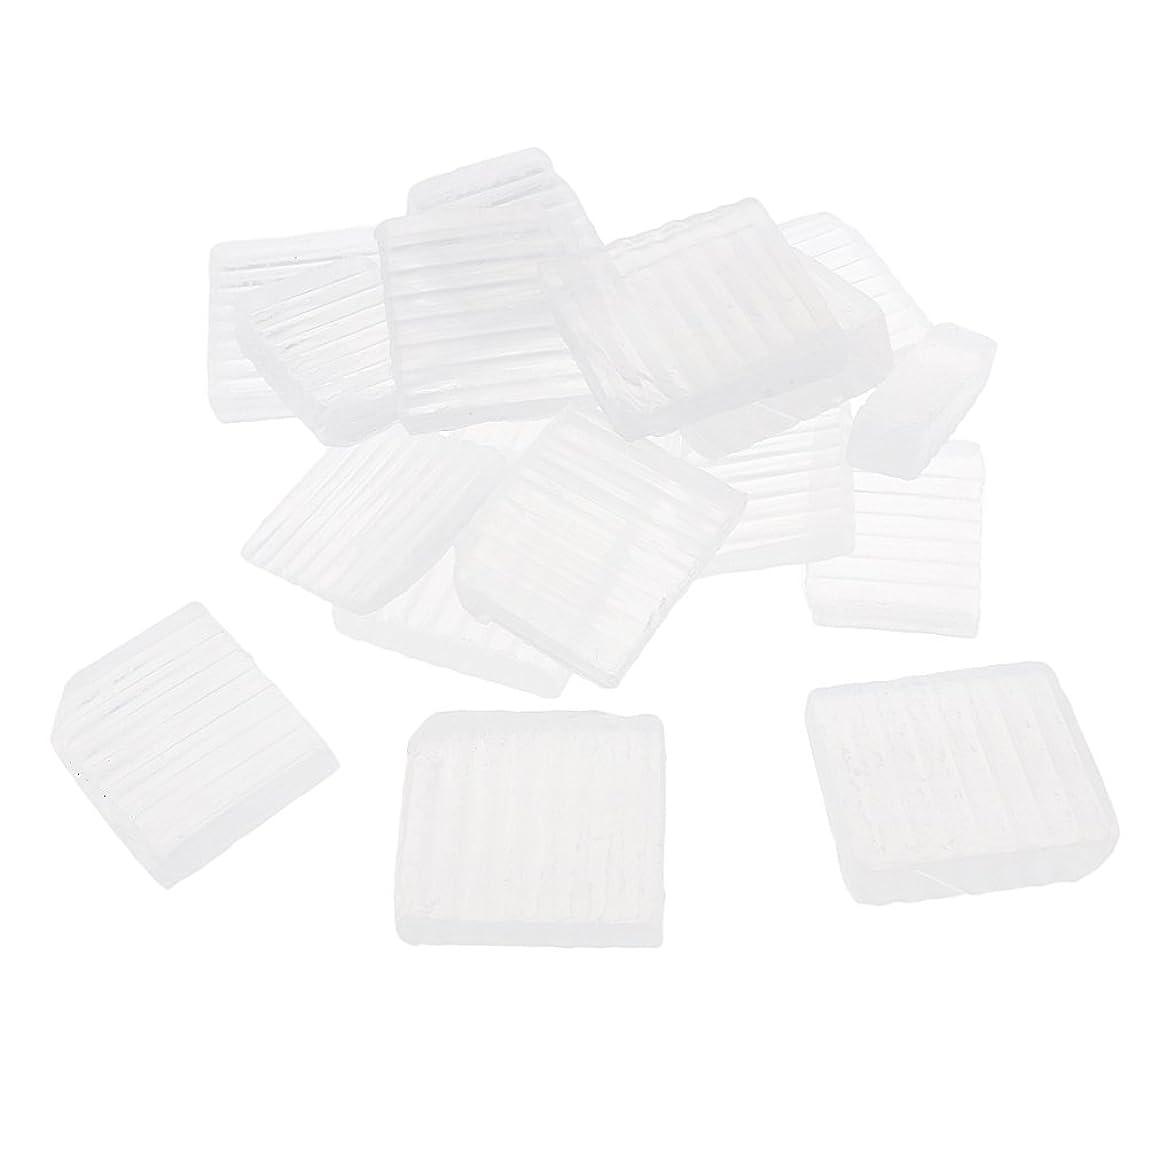 自動化ポスト印象派スペルP Prettyia 透明 石鹸ベース DIY 手作り 石鹸 材料 約1 KG DIYギフト